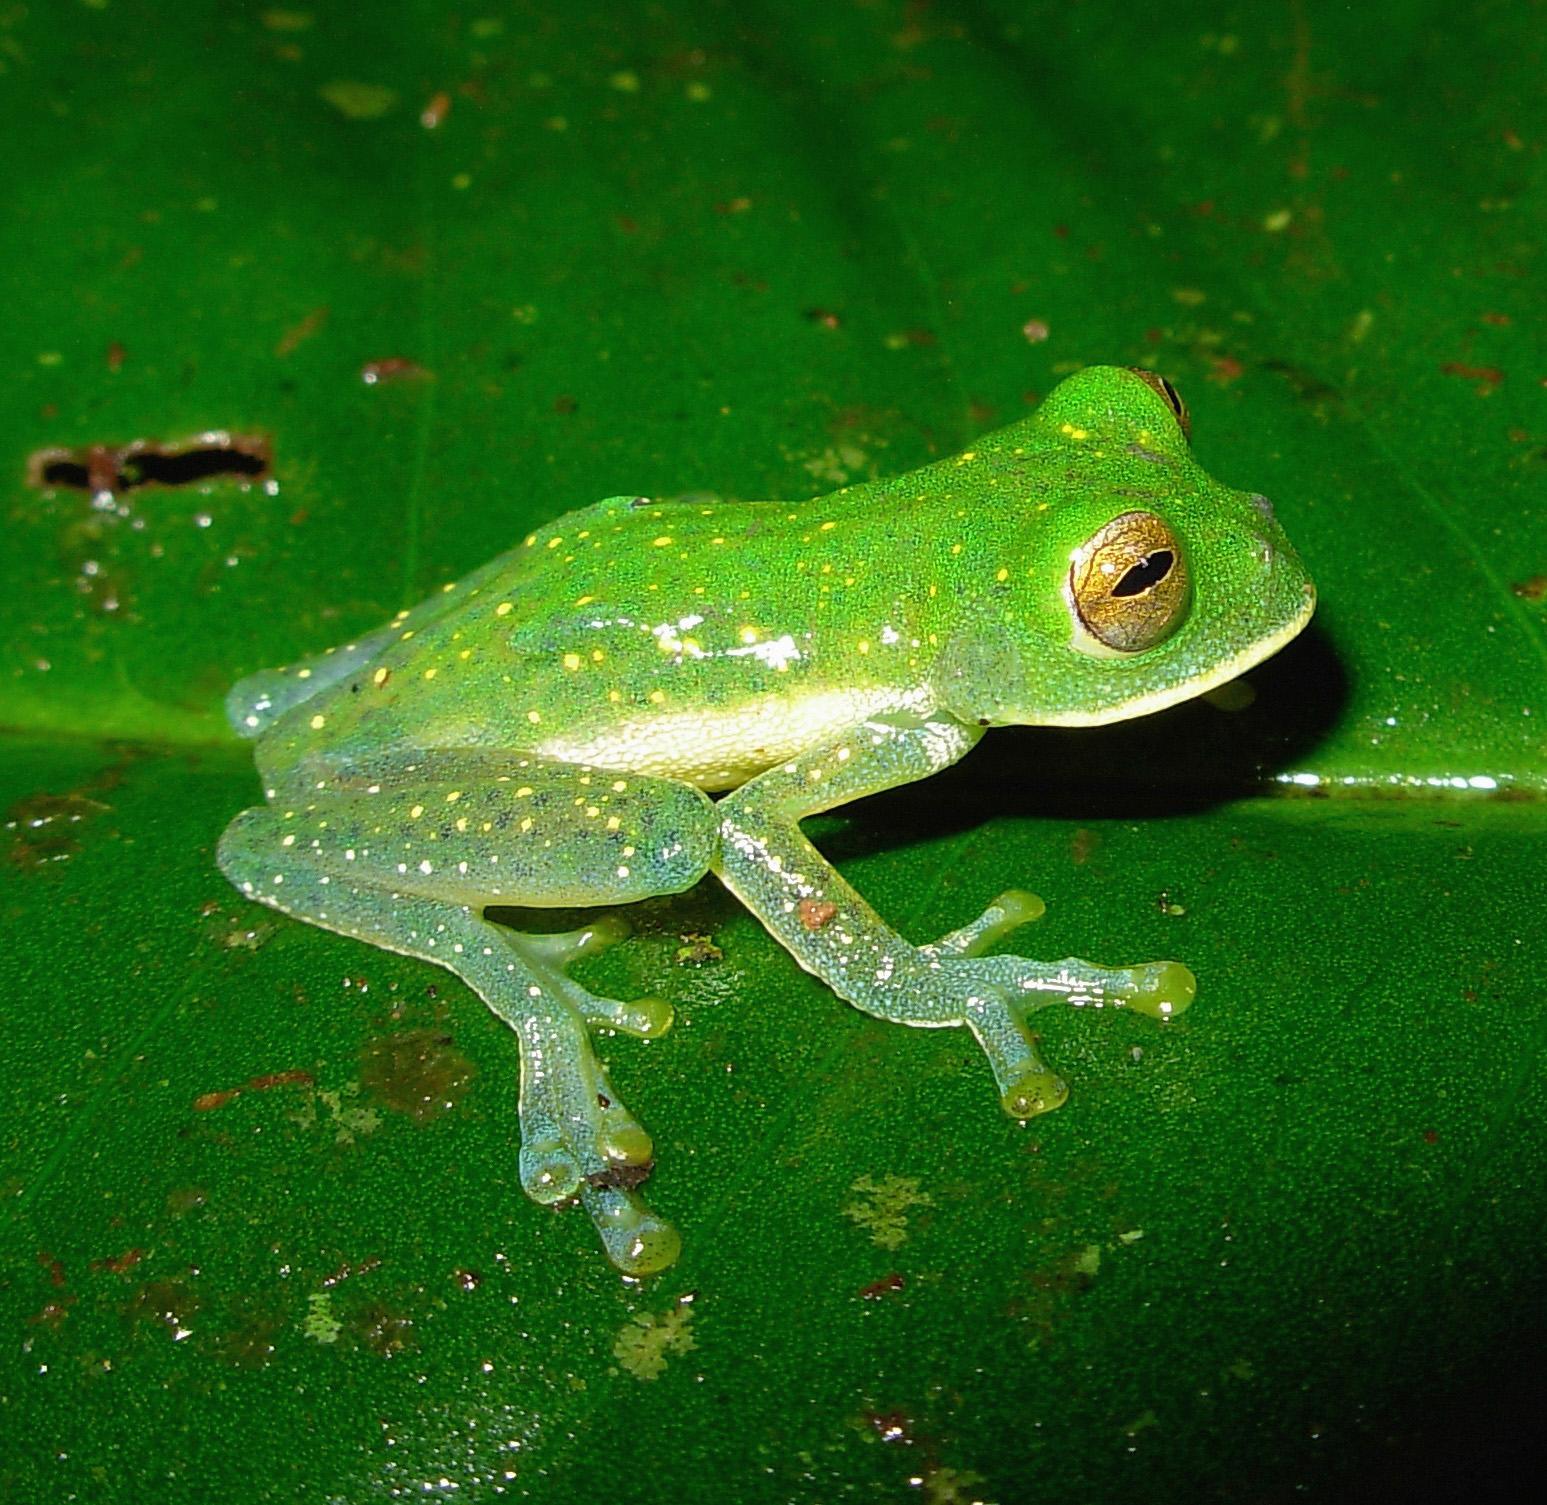 Especimen de una rana de cristal encontrada en la región del Chocó ...